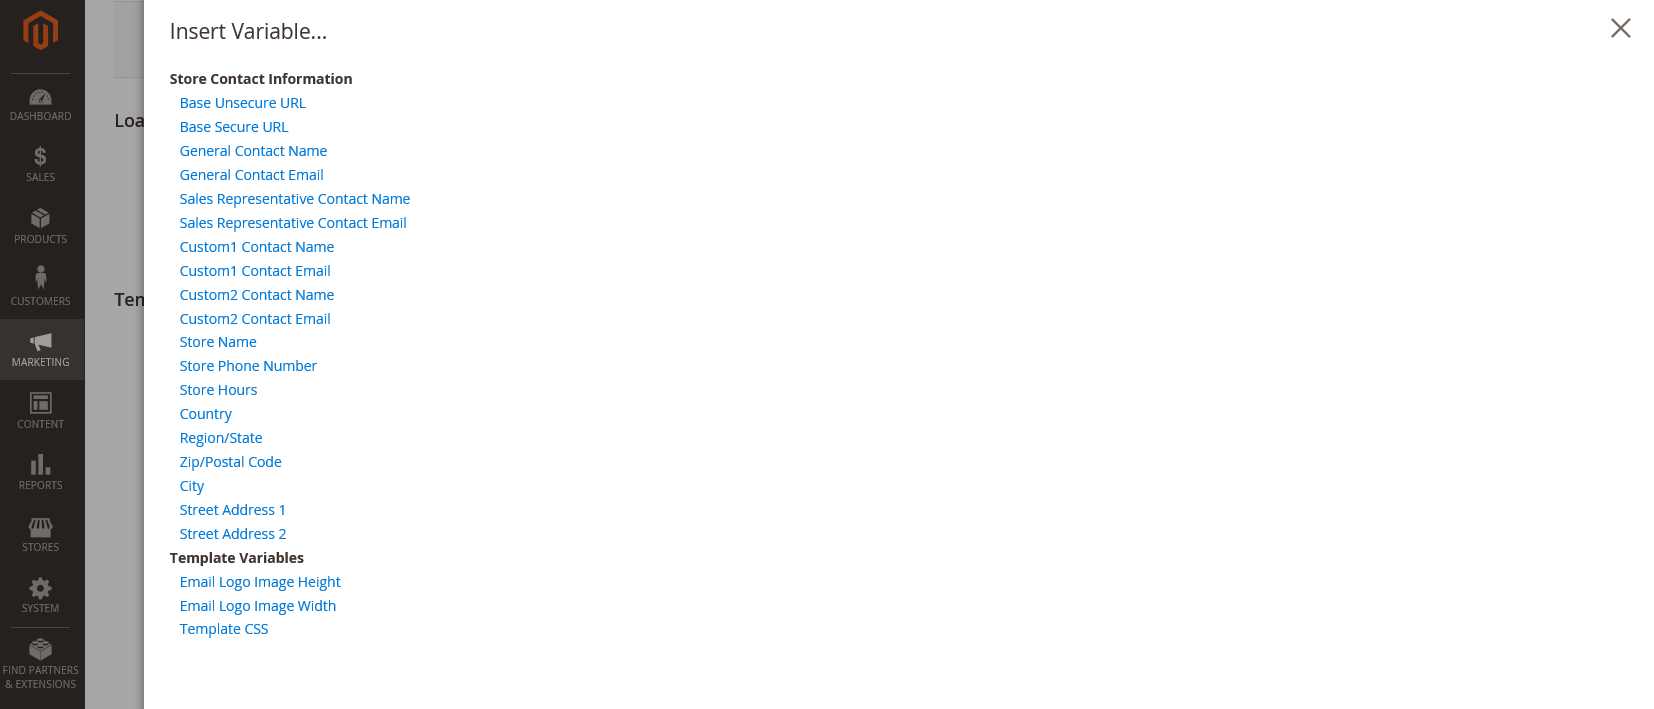 تكوين قالب رأس البريد الالكترونى (Email Header Template ) فى ماجنتو 2